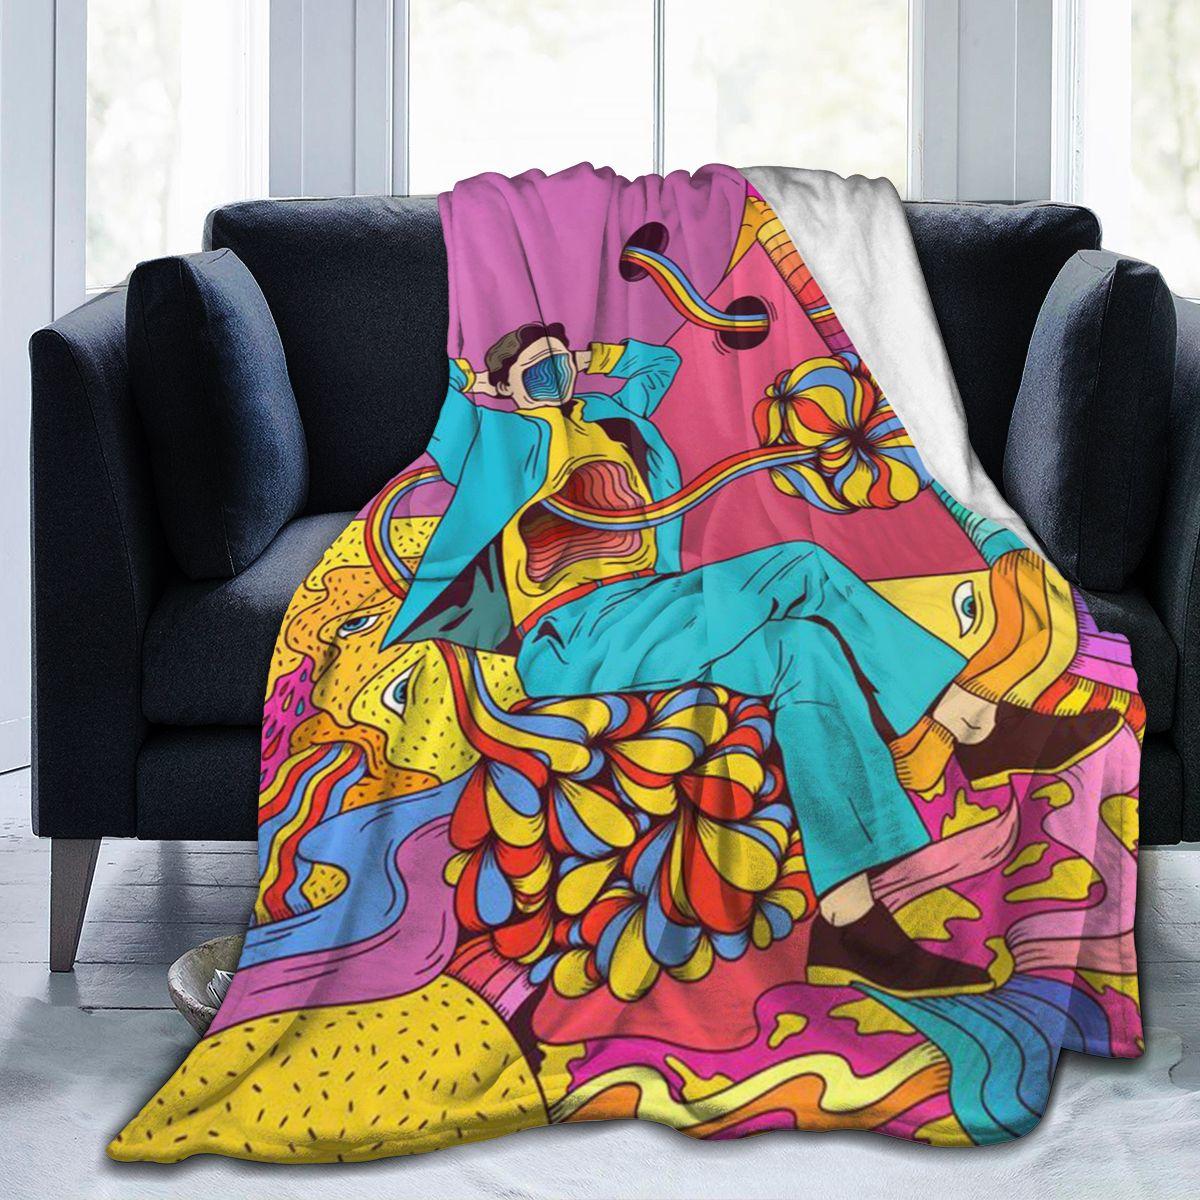 الترا لينة أريكة غطاء بطانية بطانية الفراش الكرتون الكرتون الفانيلا plied أريكة ديكور غرفة نوم للأطفال والكبار 2665431